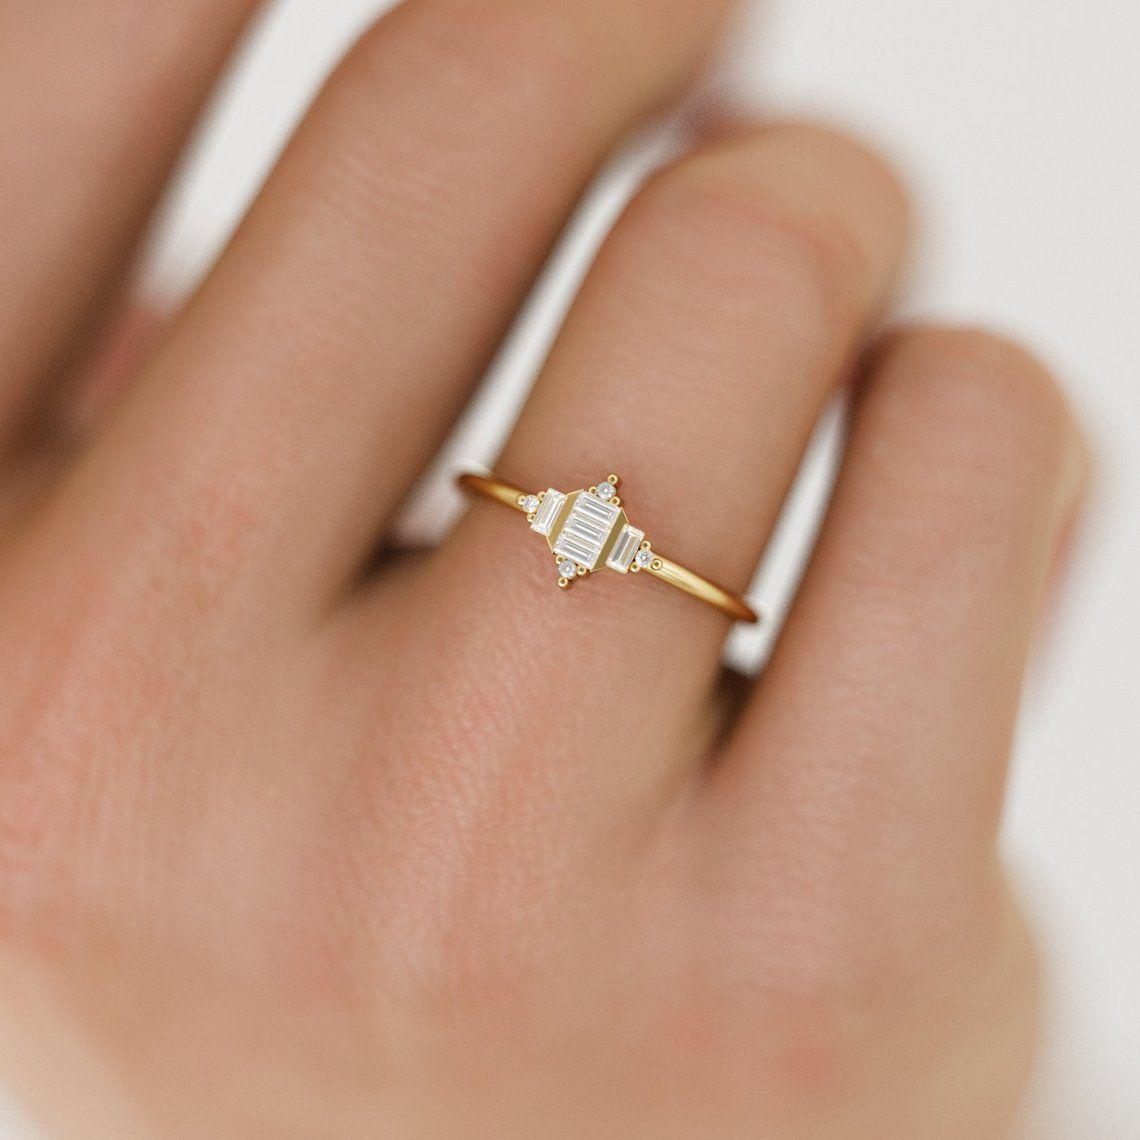 Art Deco Diamond Ring / Baguette Diamond Ring / Unique Art Deco Wedding Ring / Geometric Art Deco Ring / Art Deco Baguette Ring